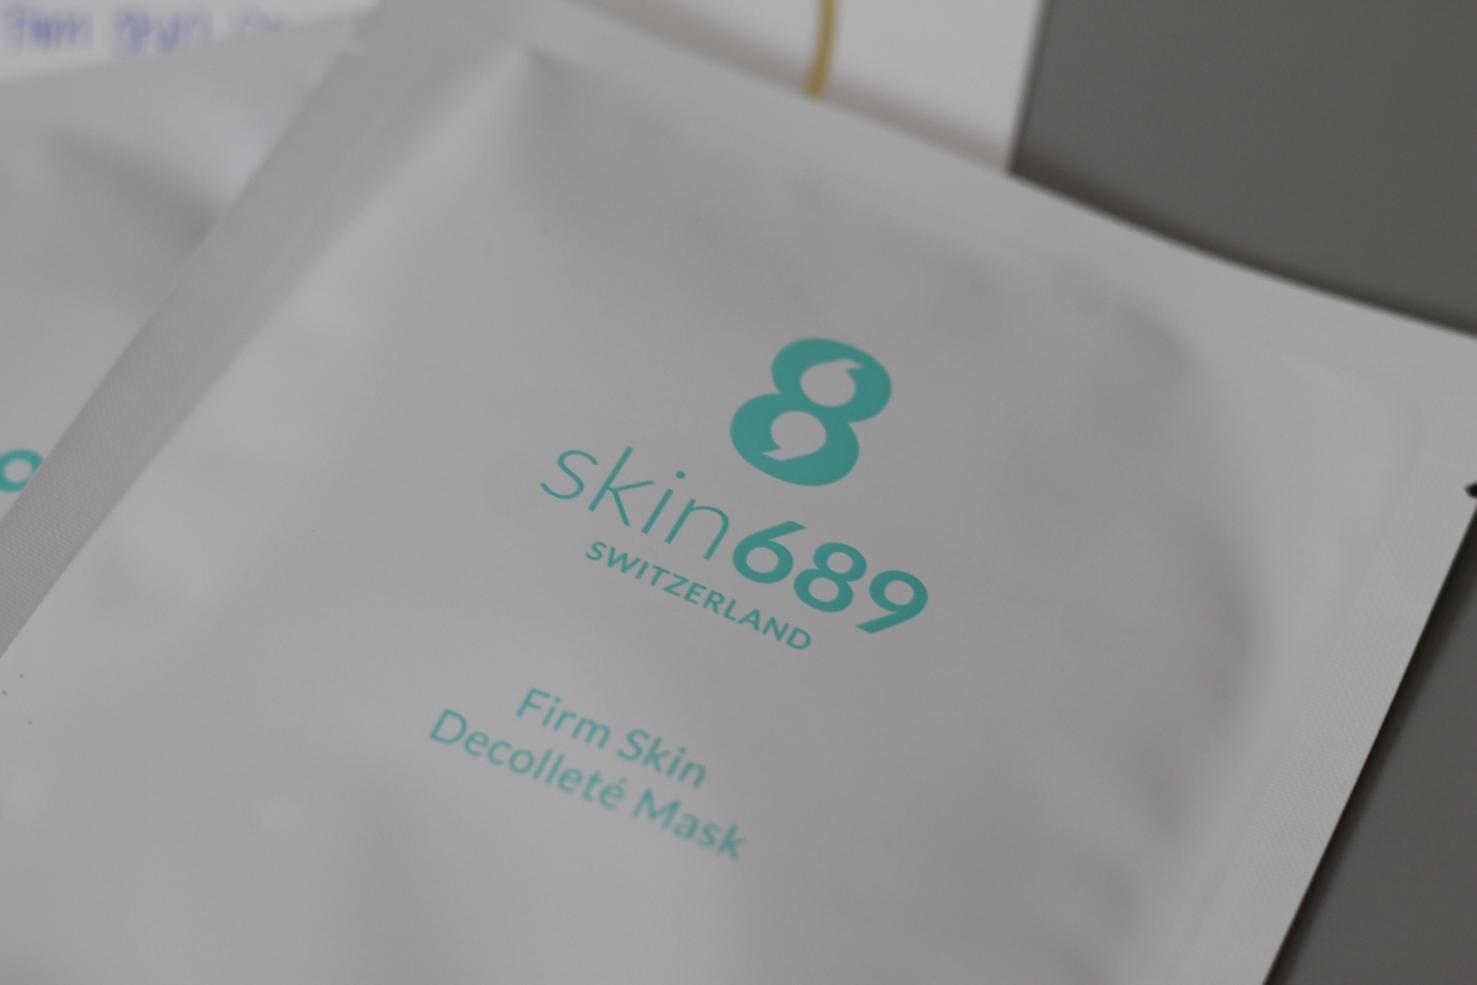 maske decollete skin689 neu 2018 beautyneuheiten